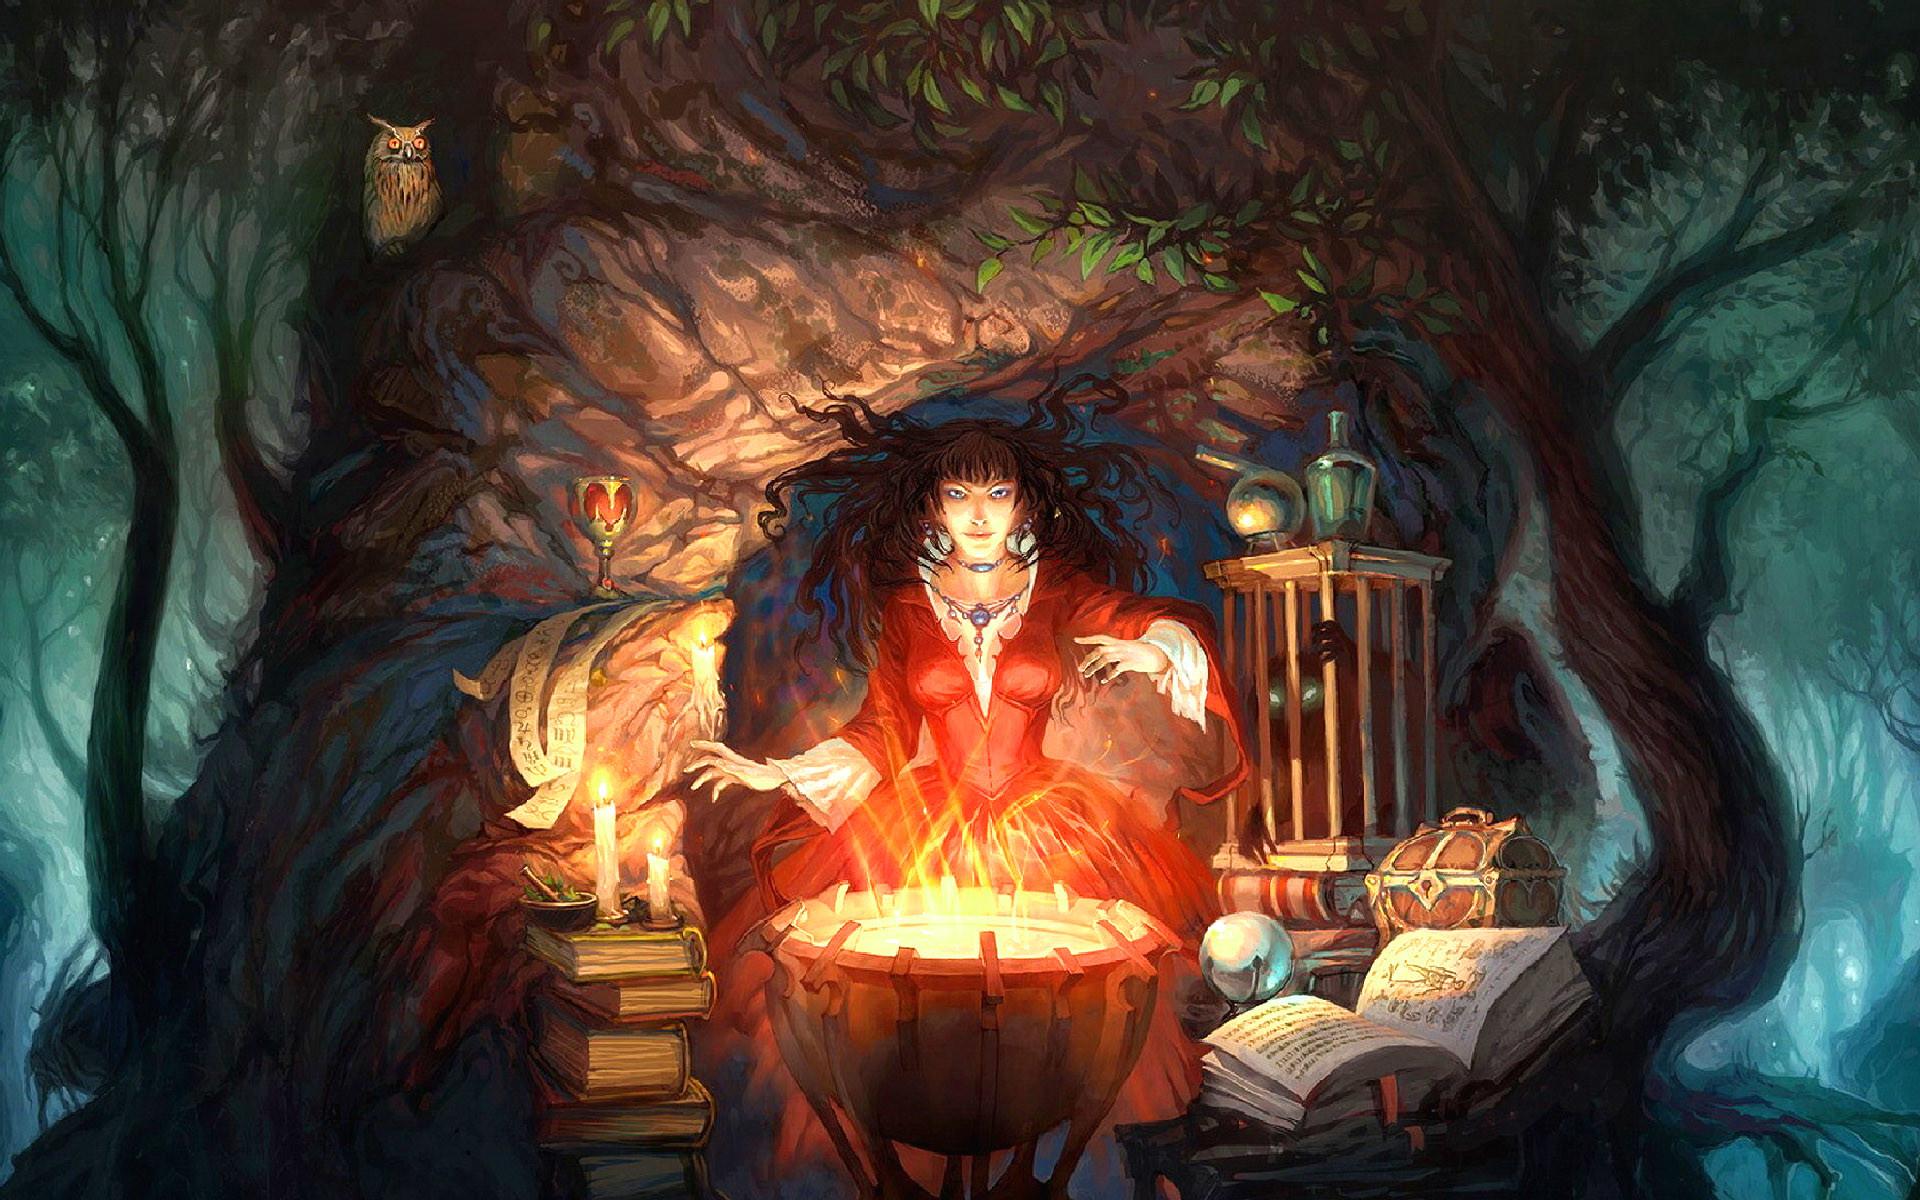 Wiccan Witch Screensaver Wallpaper – WallpaperSafari